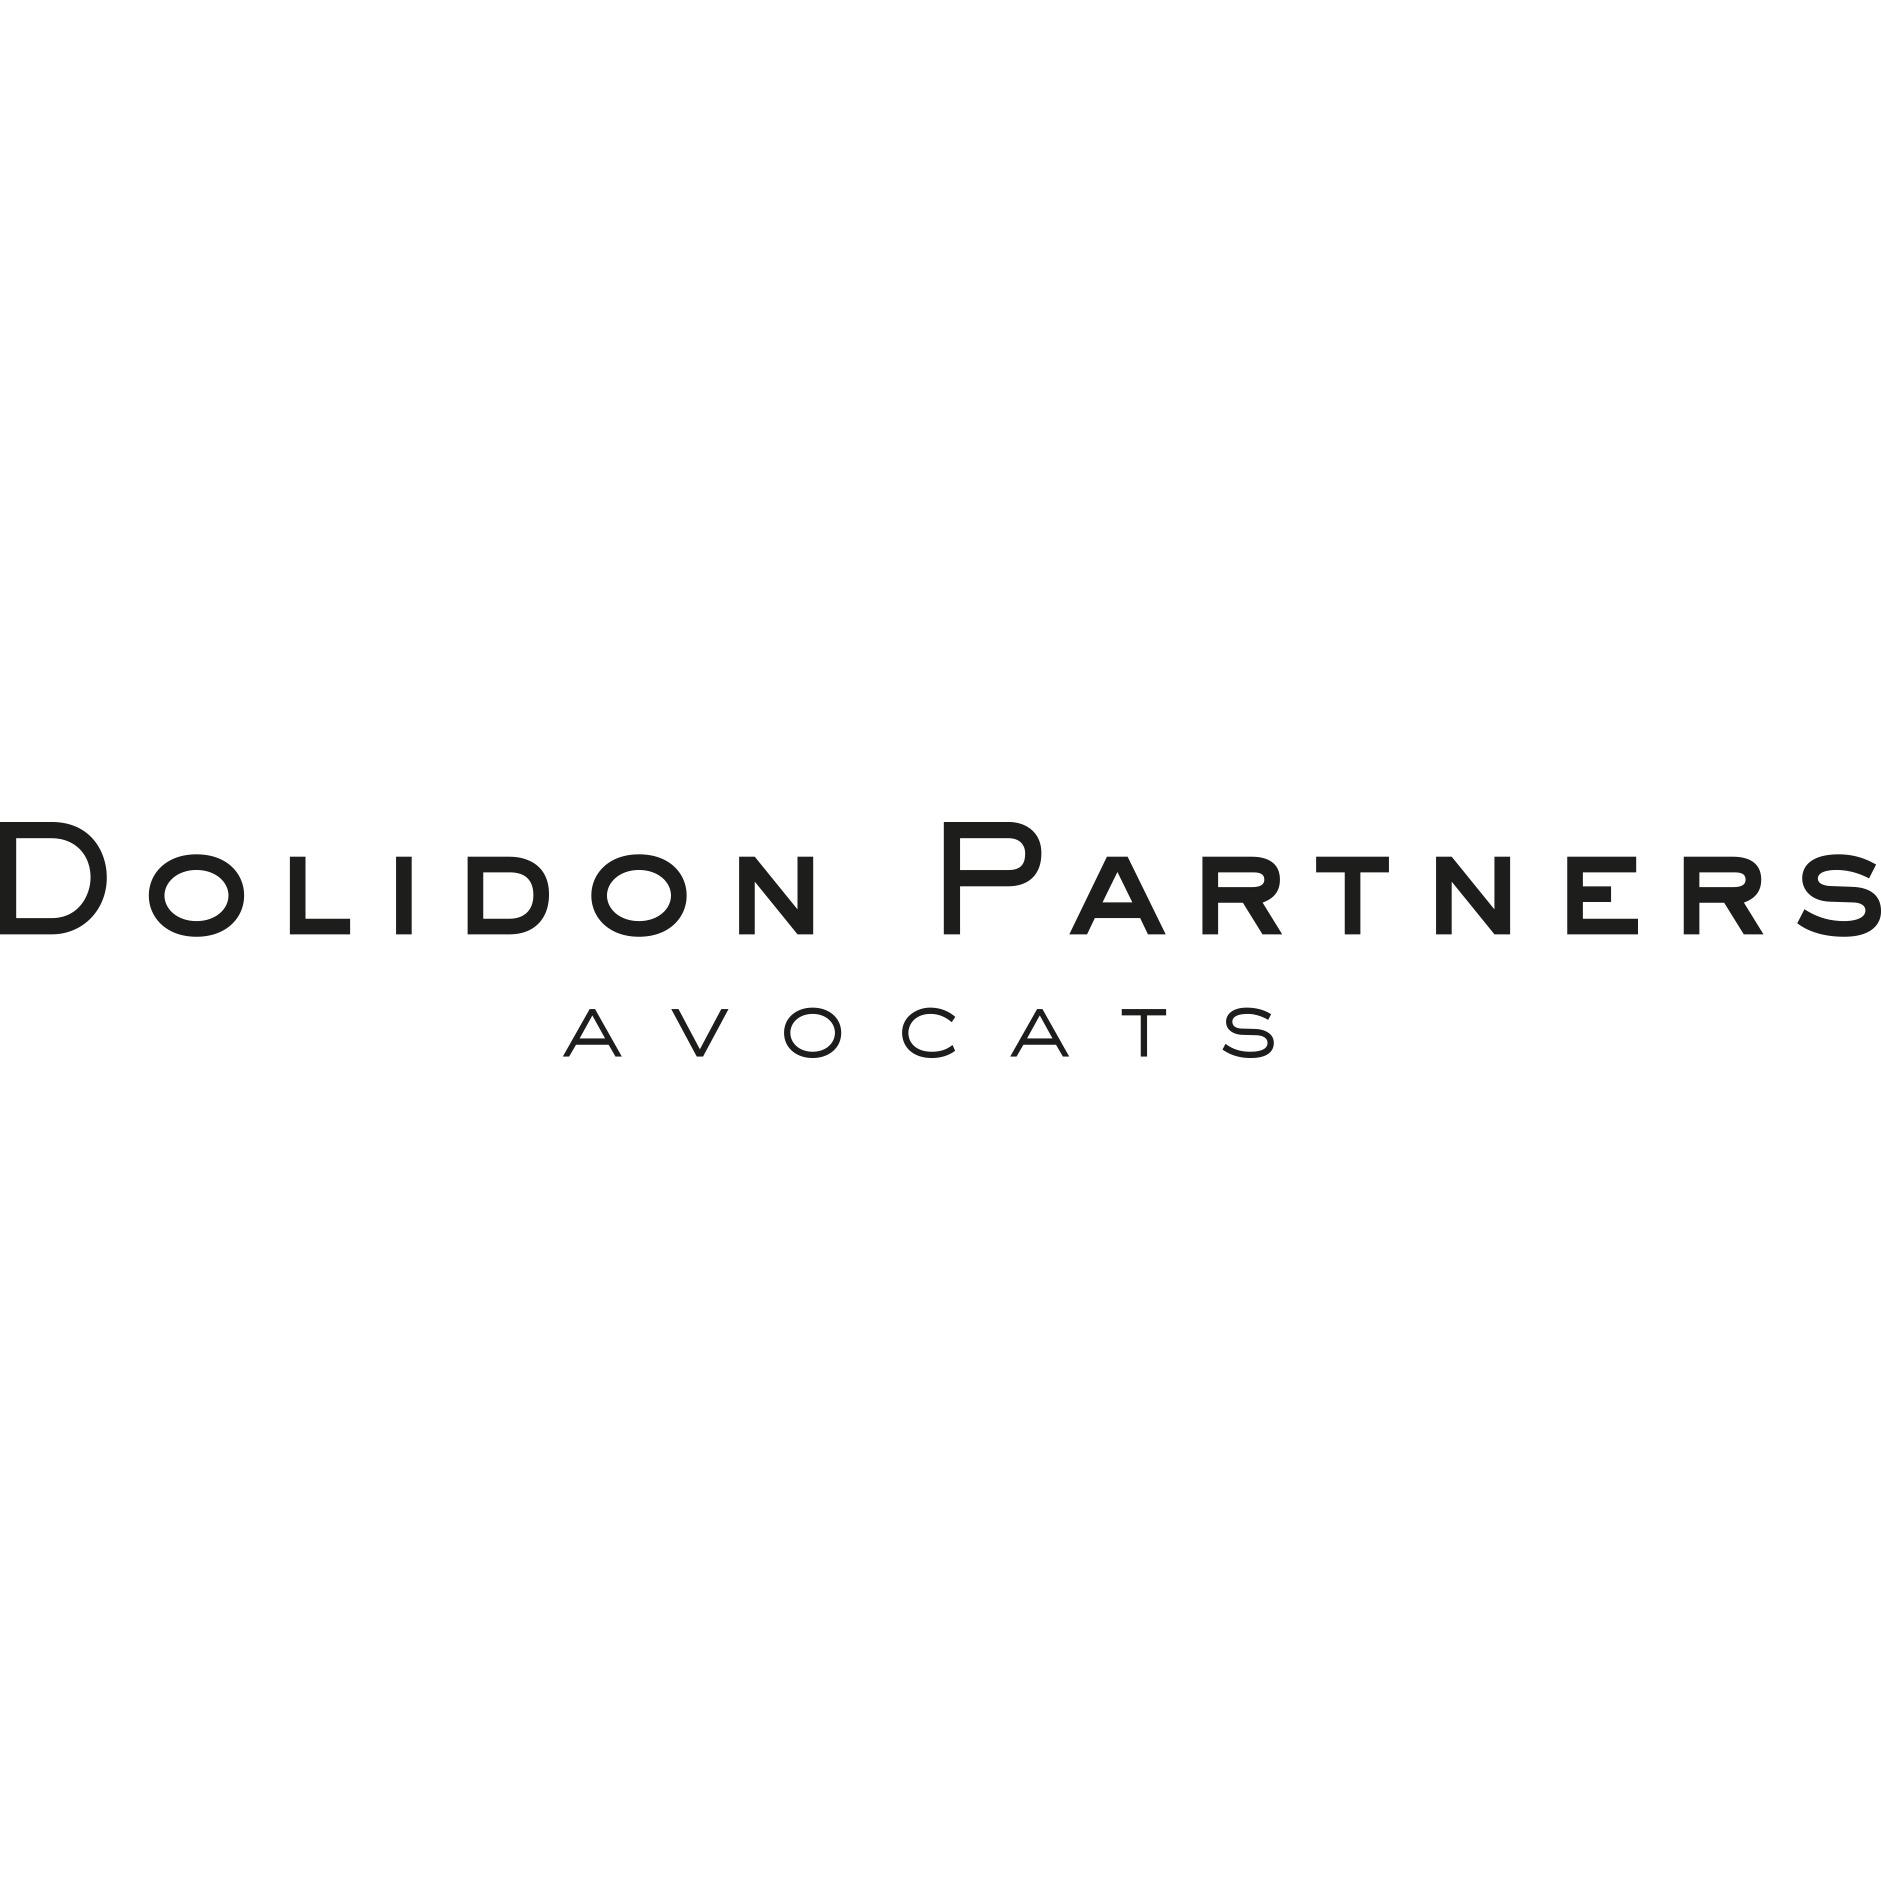 the Dolidon Partners logo.